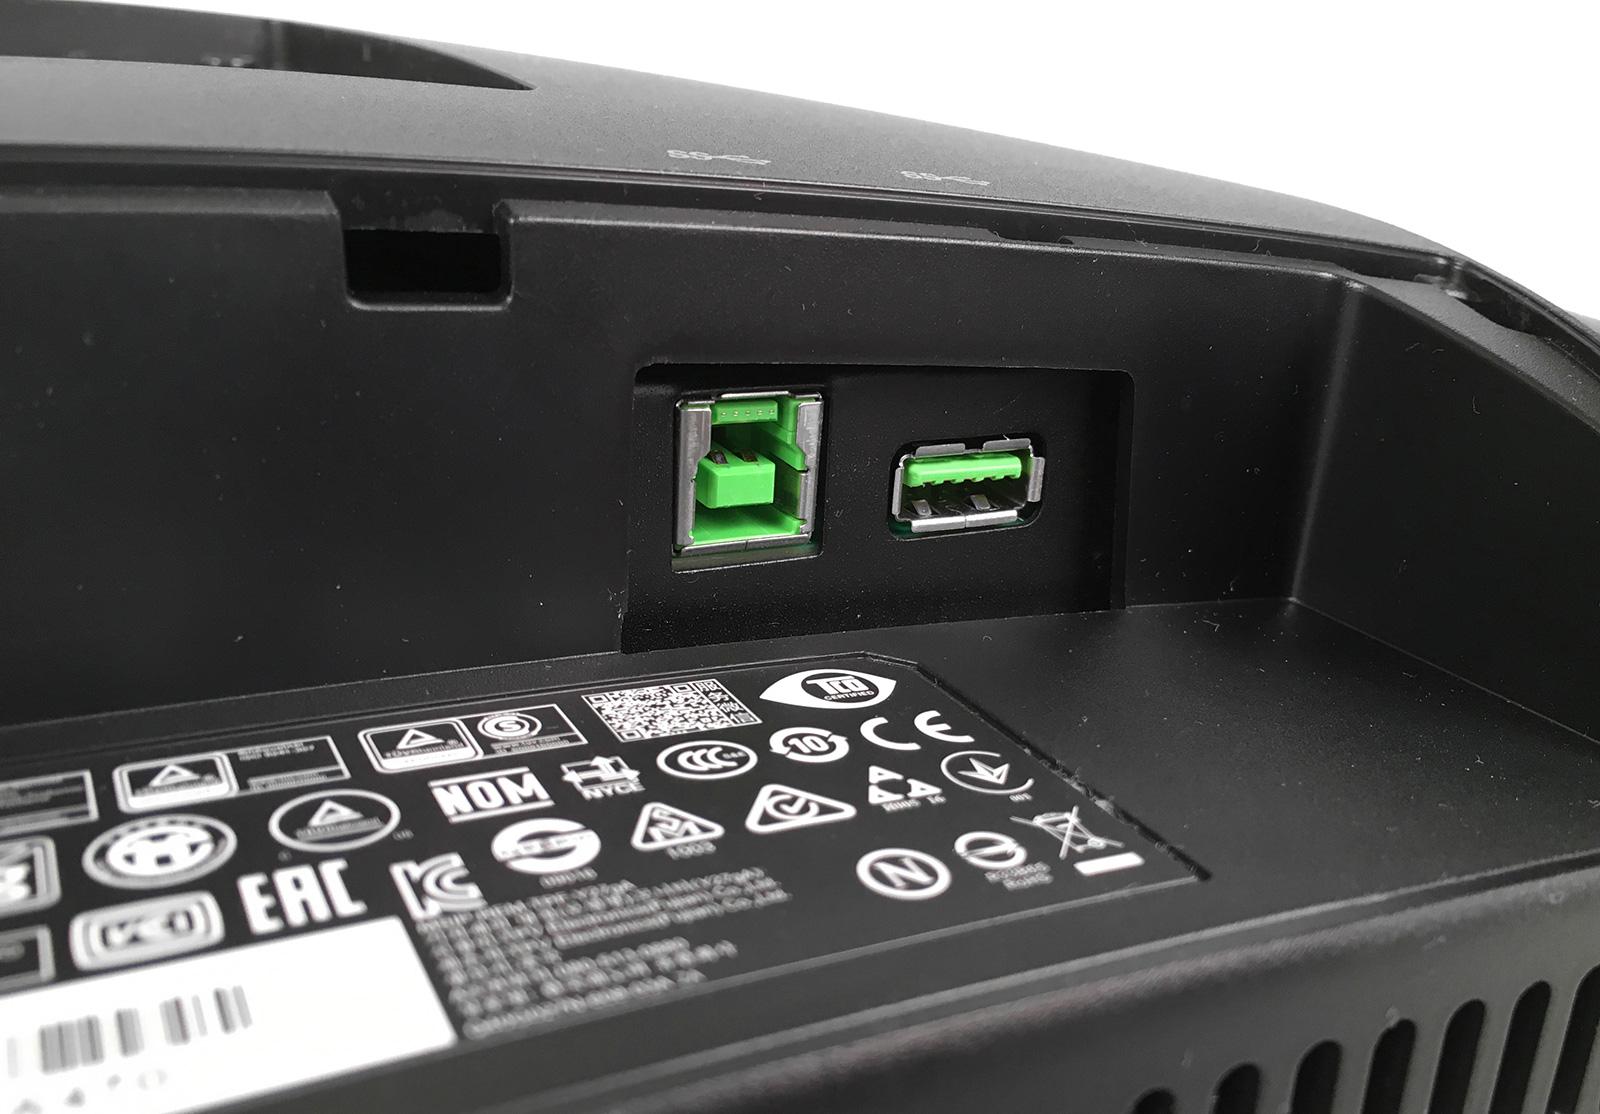 Обзор изогнутого игрового монитора Lenovo Y27g Razer Edition - 13